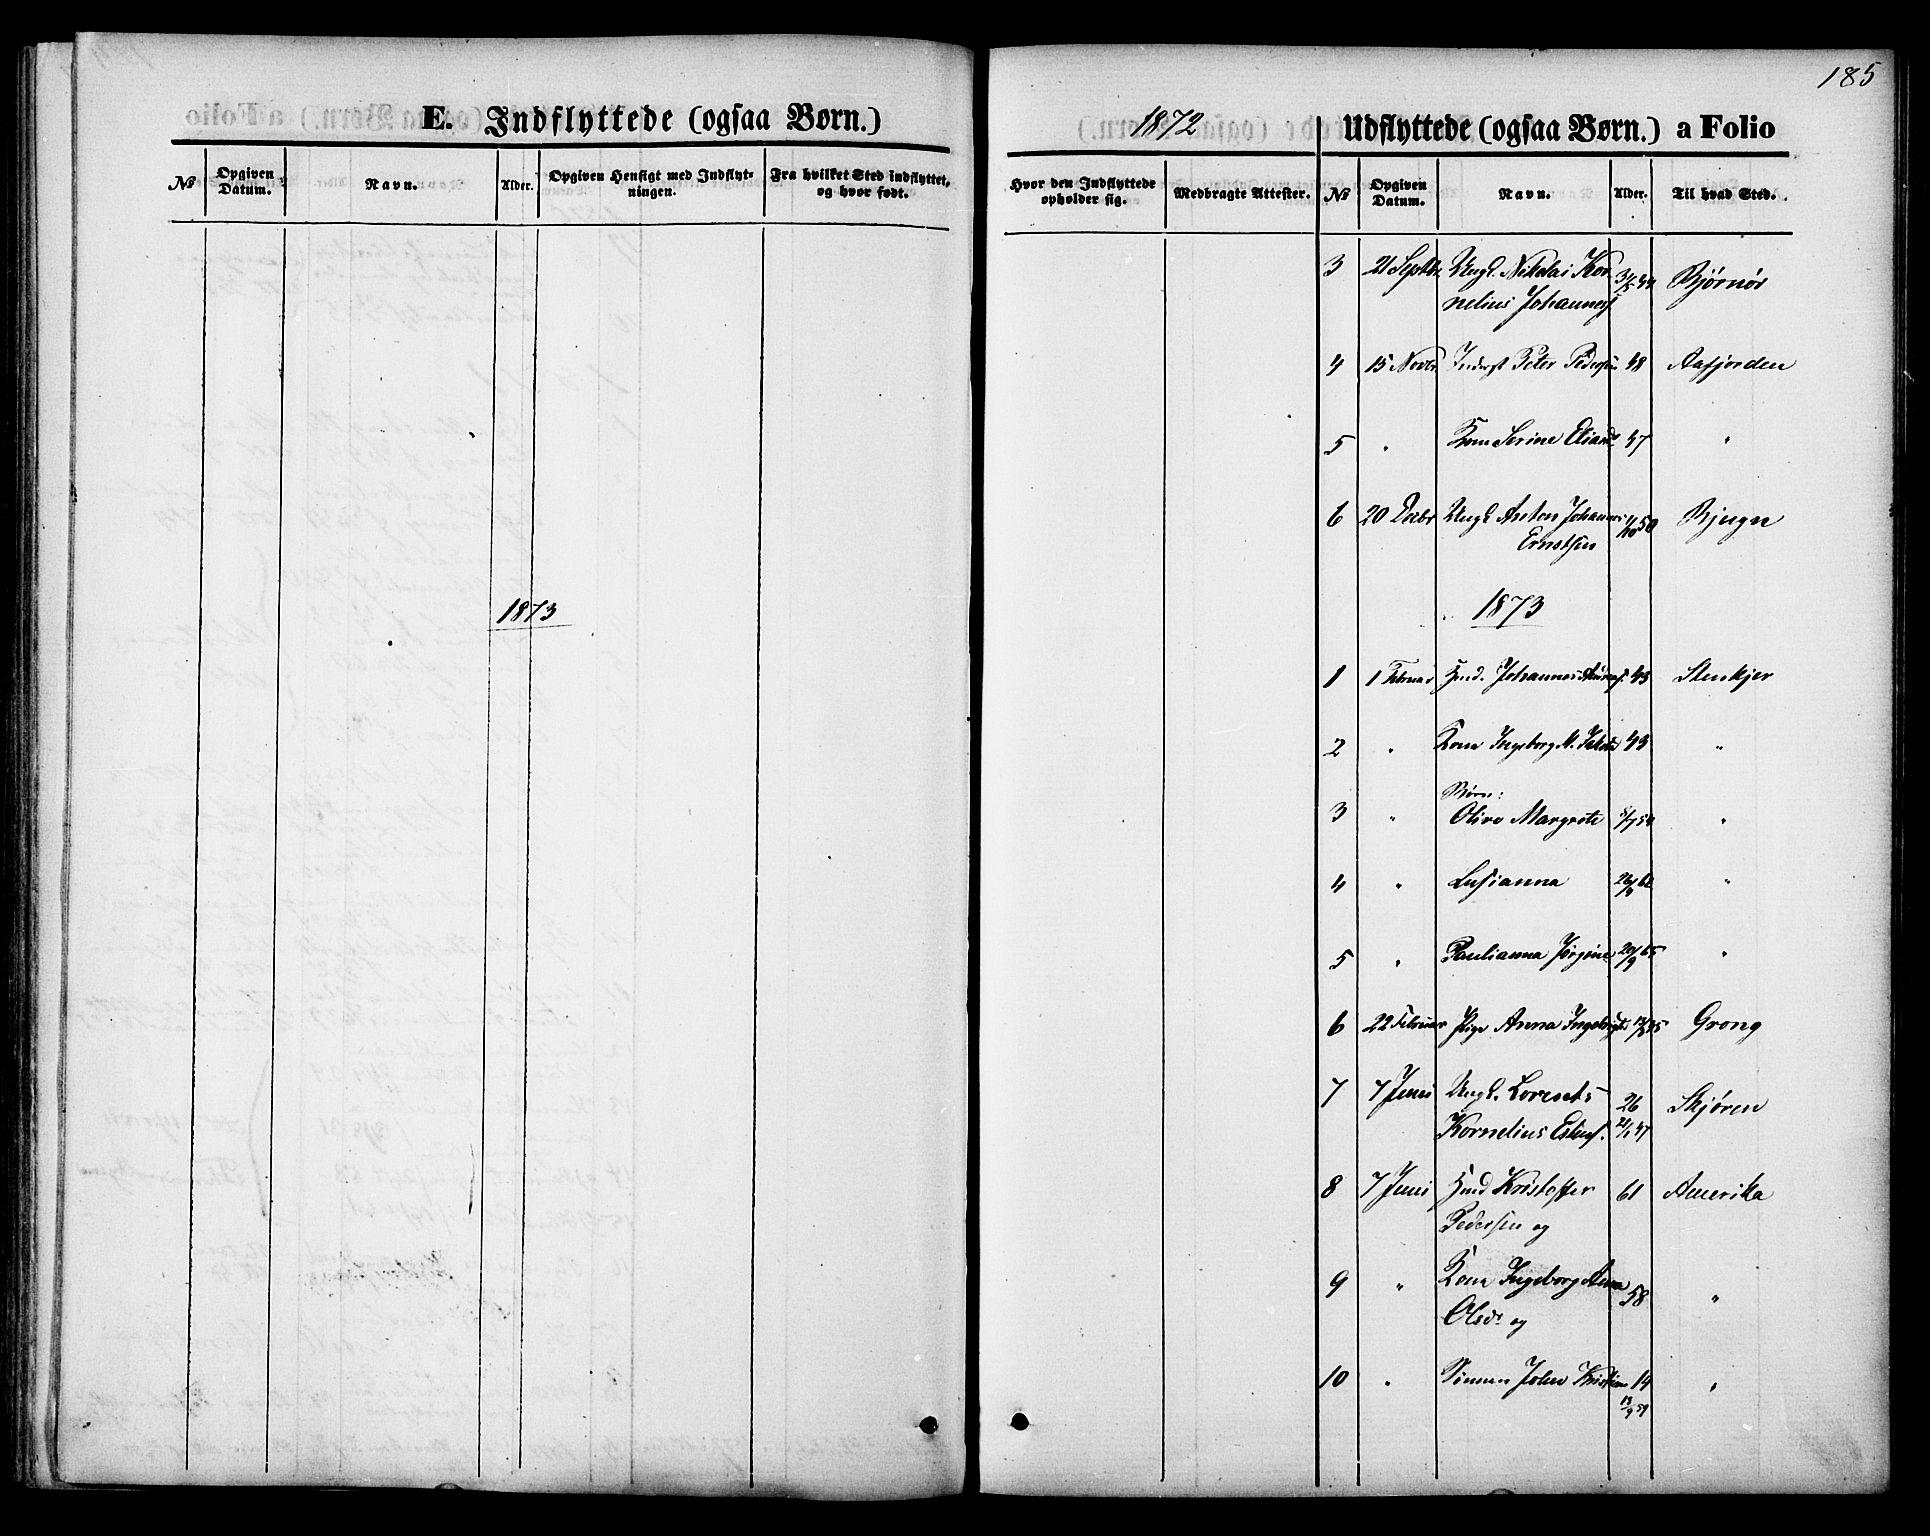 SAT, Ministerialprotokoller, klokkerbøker og fødselsregistre - Nord-Trøndelag, 744/L0419: Ministerialbok nr. 744A03, 1867-1881, s. 185